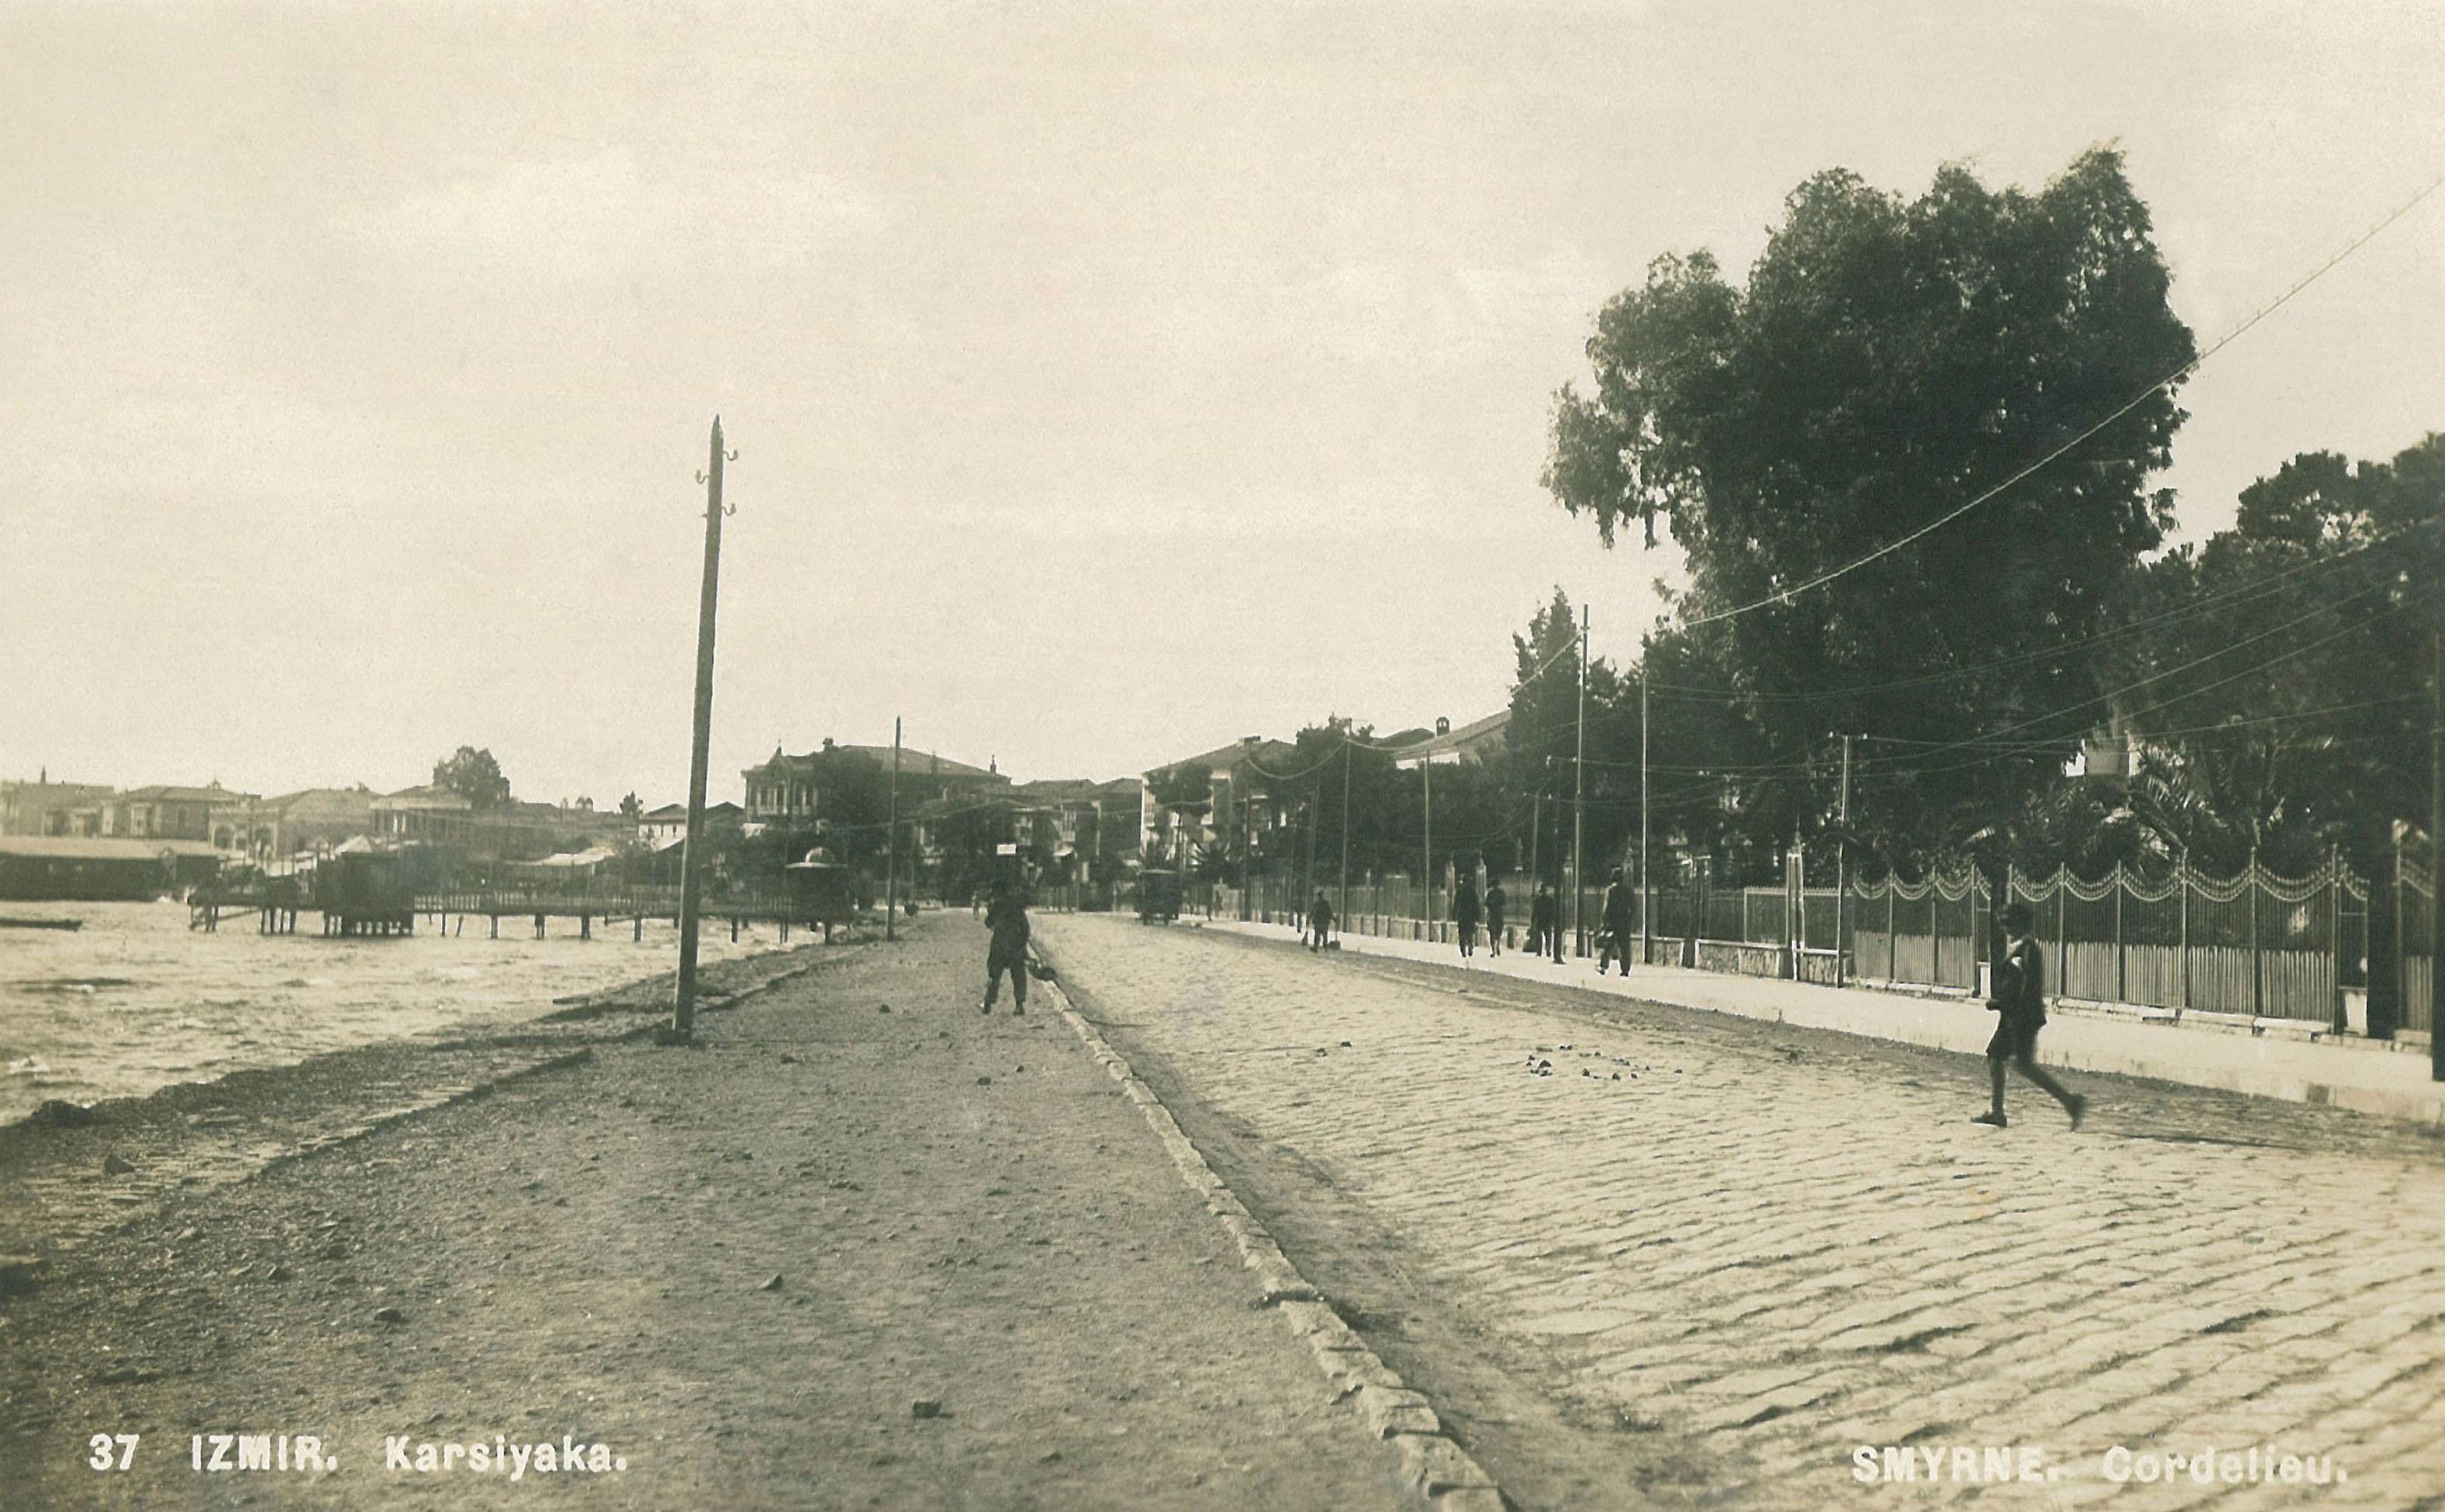 eski karşıyaka fotoğrafları (14)